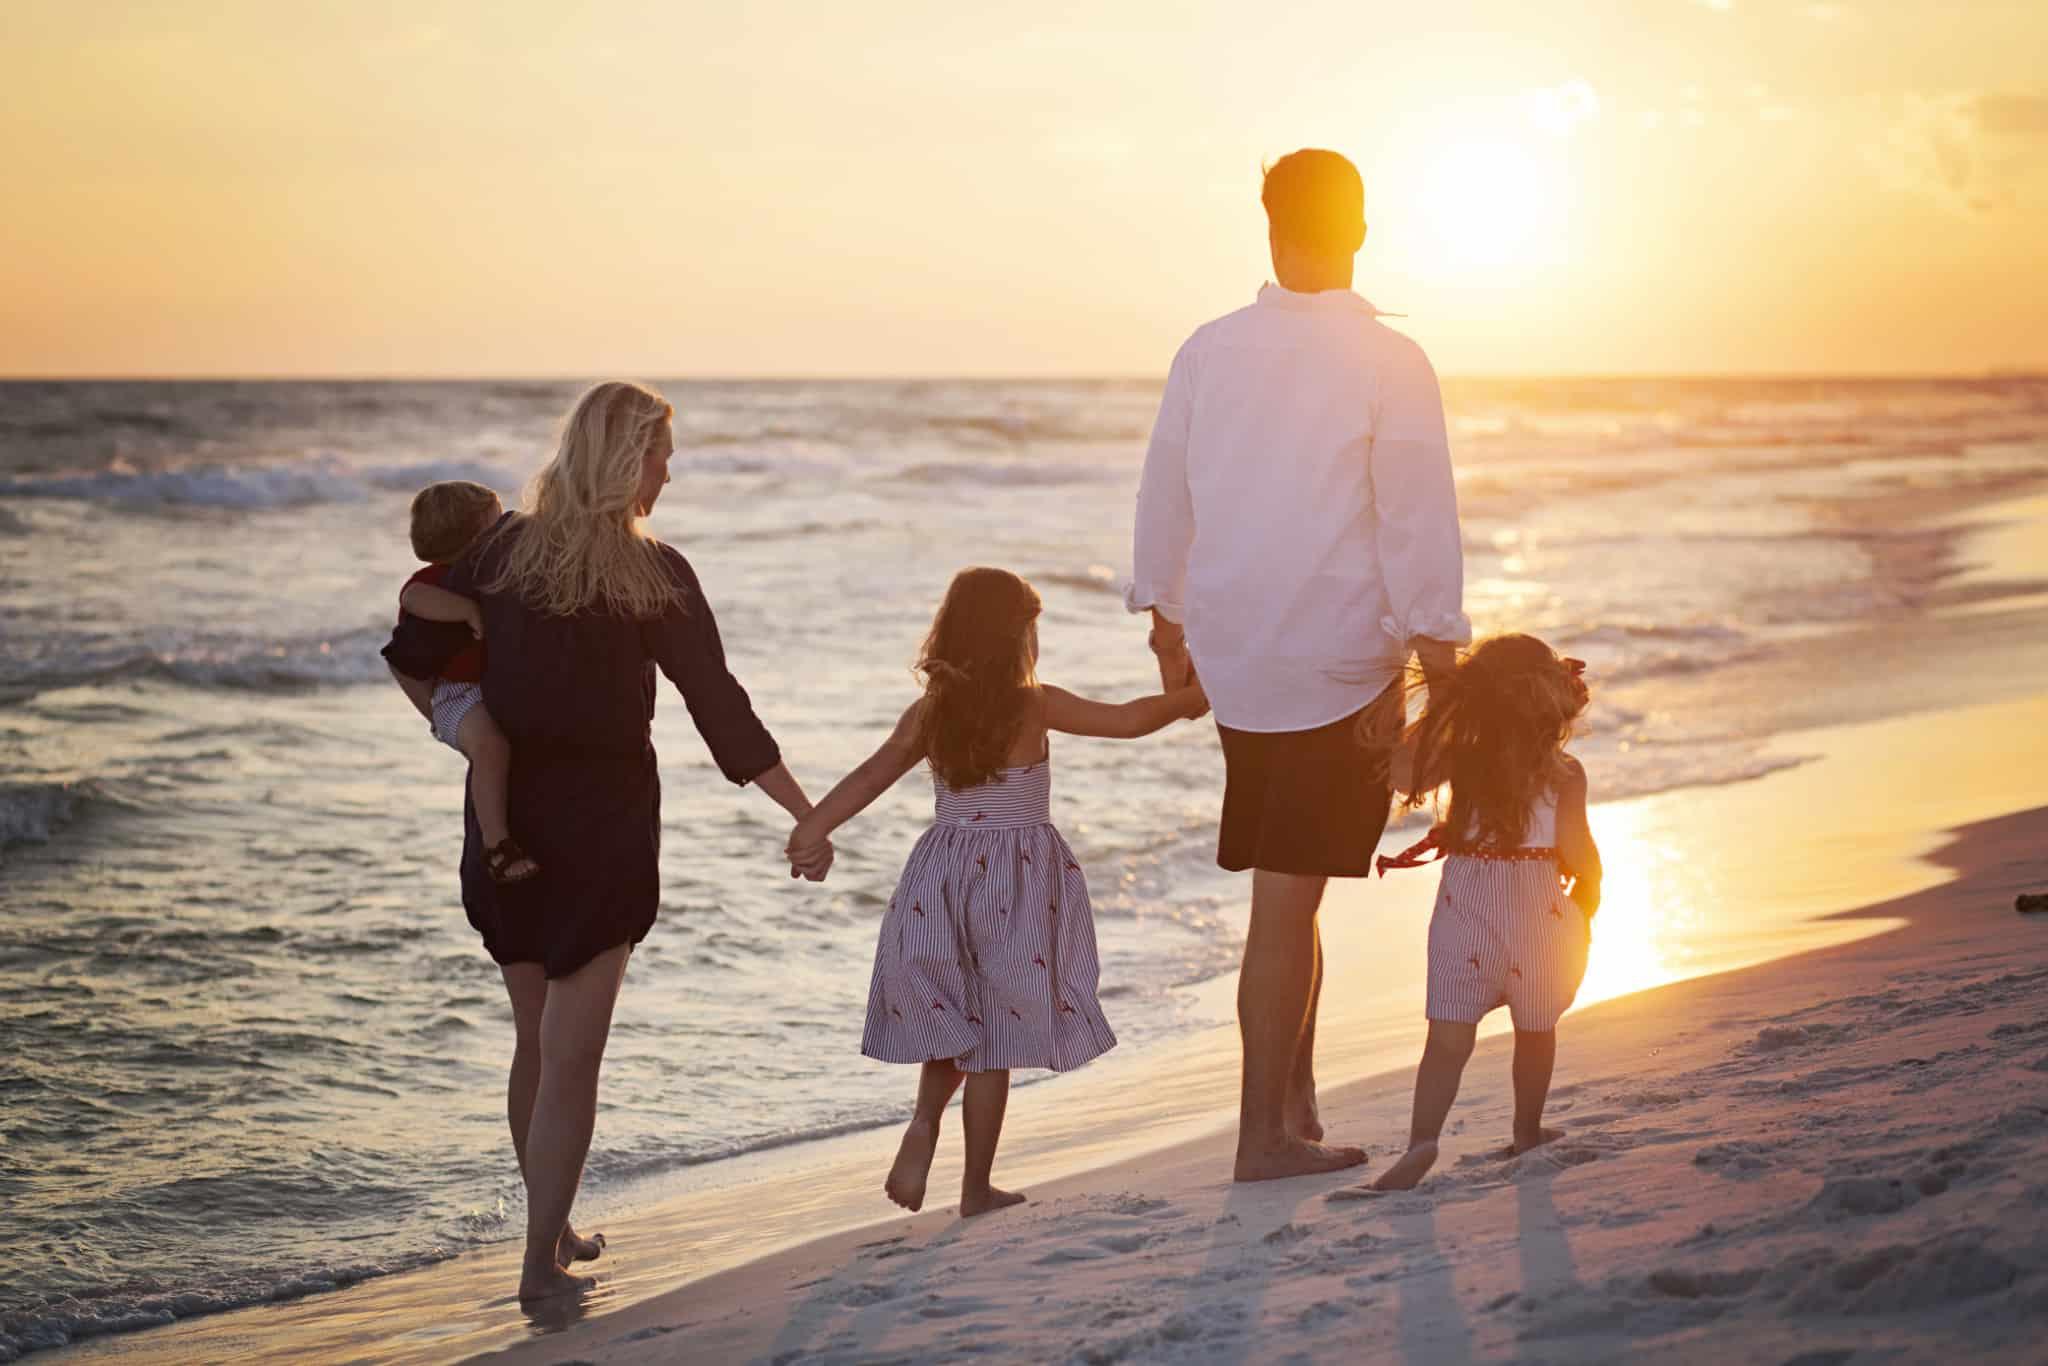 Família (casal de adultos mais três crianças) a passear na praia à beira mar